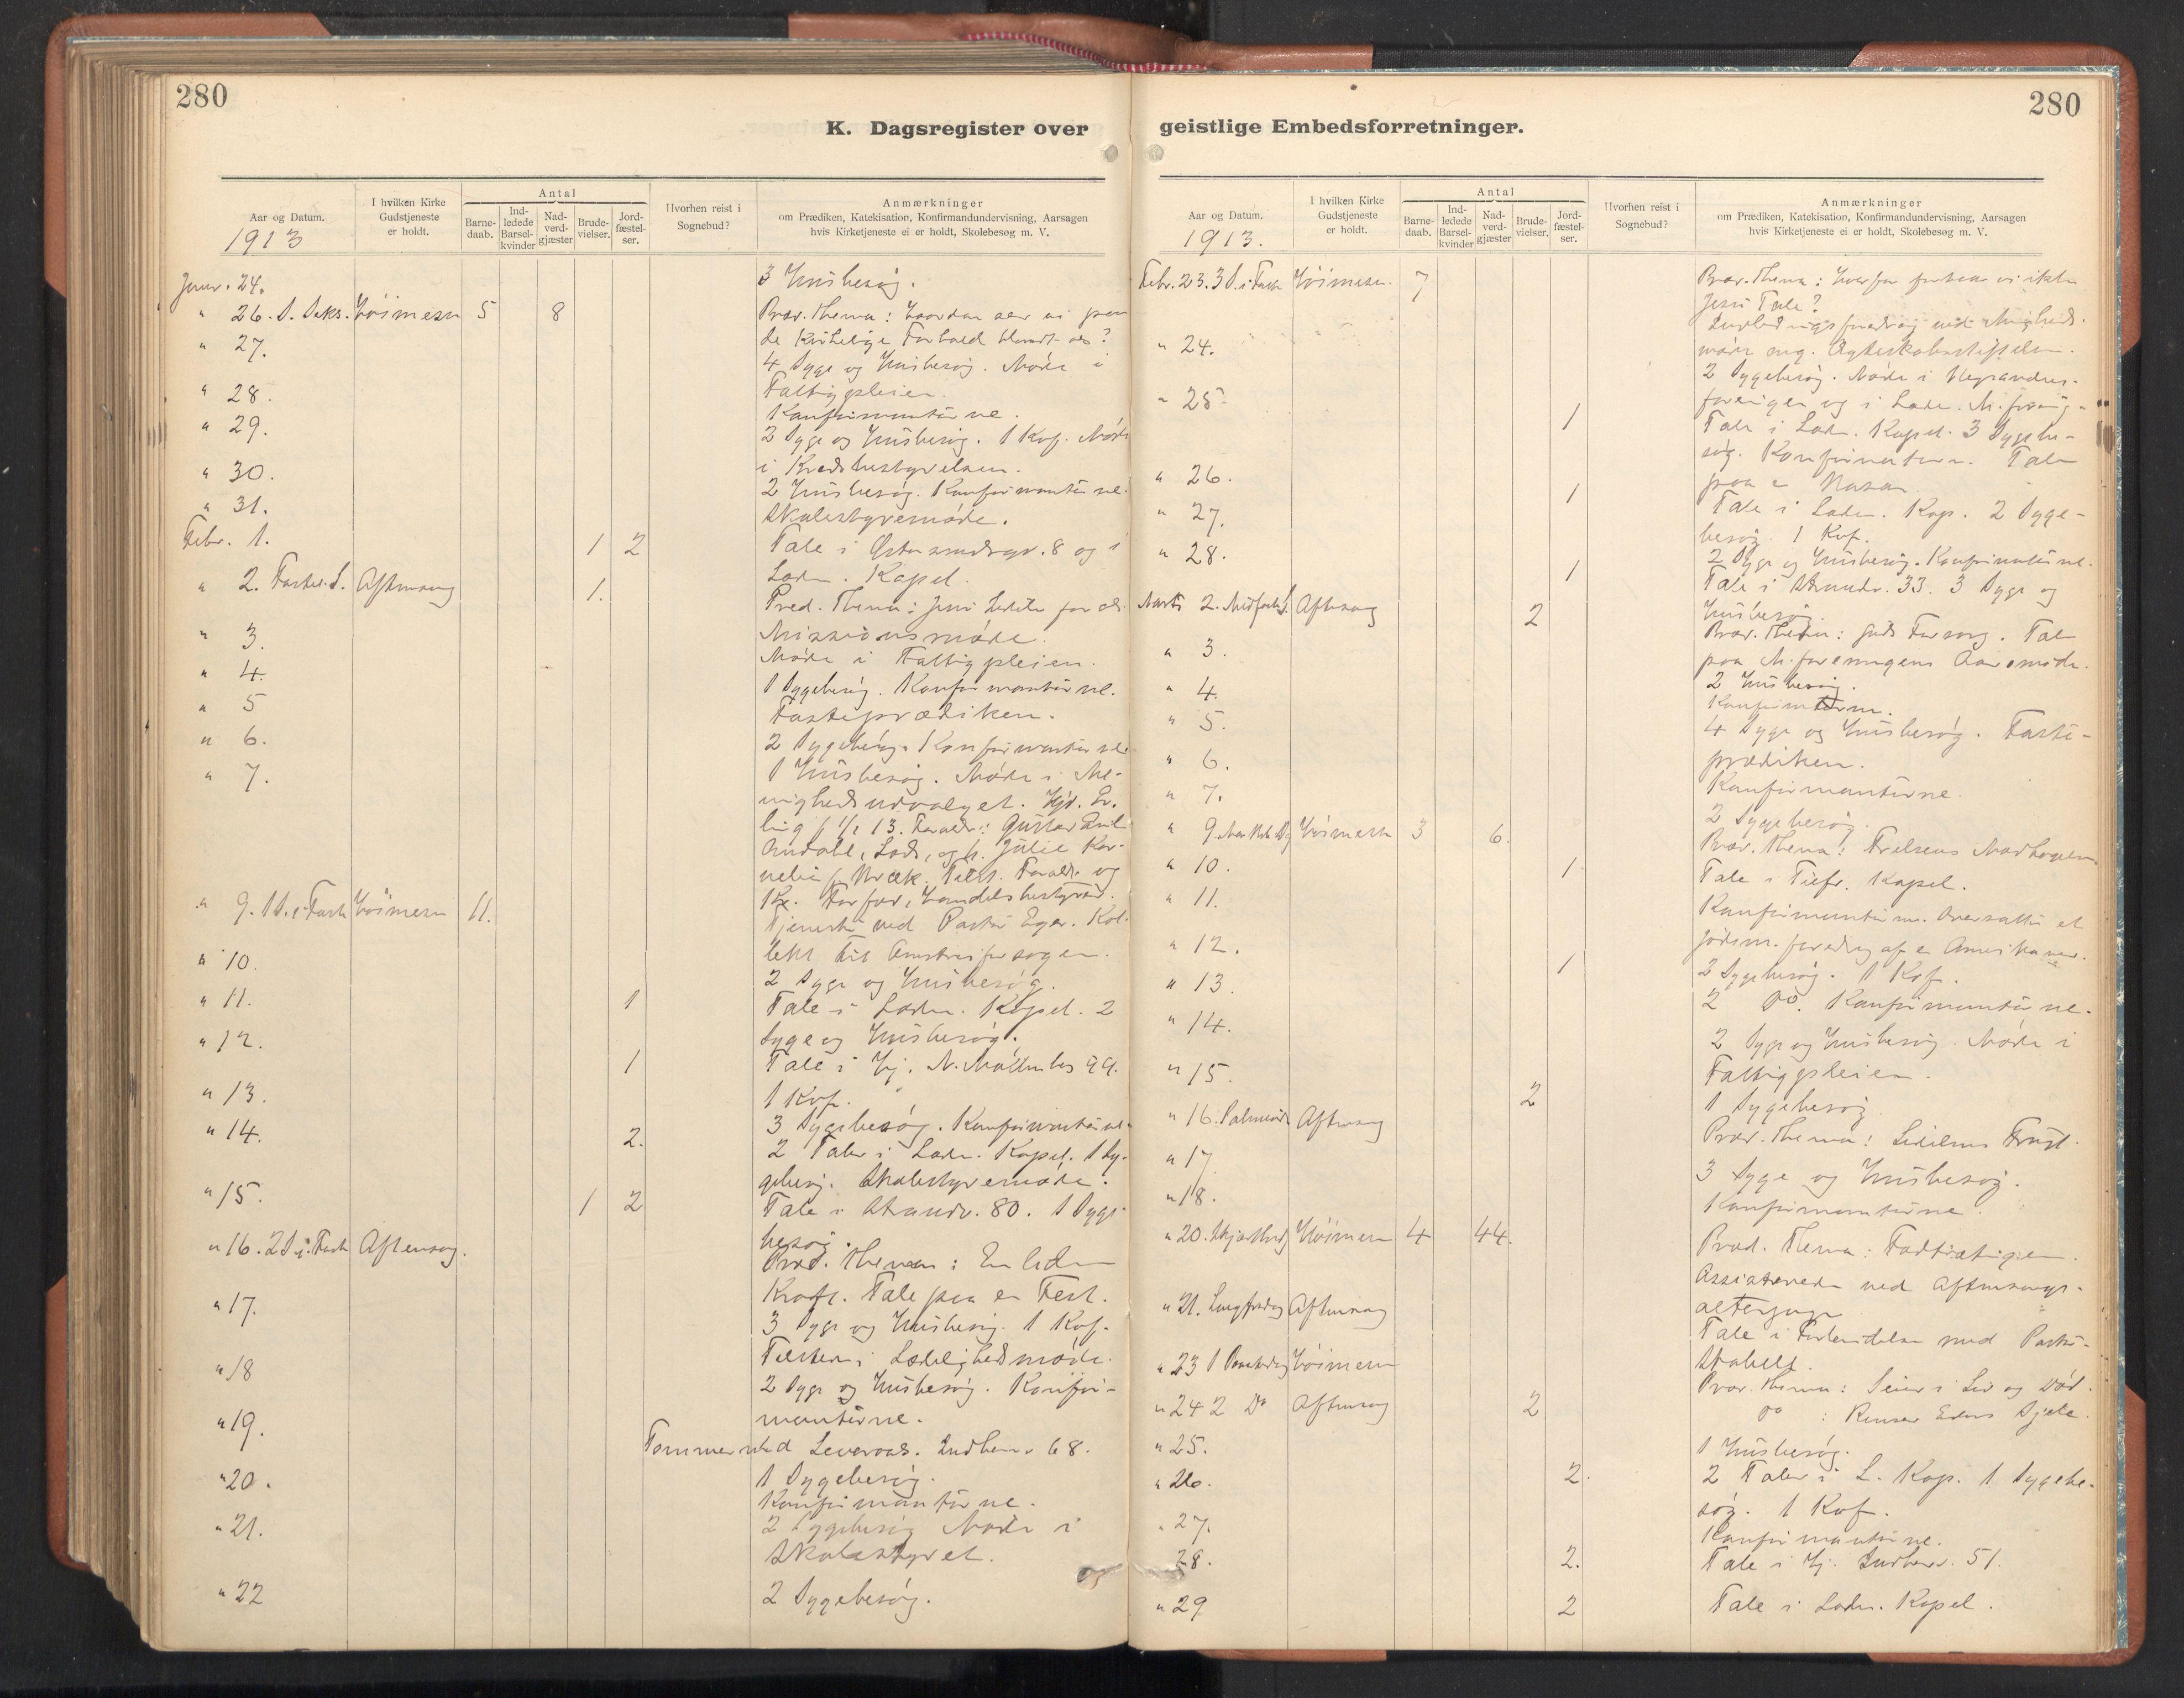 SAT, Ministerialprotokoller, klokkerbøker og fødselsregistre - Sør-Trøndelag, 605/L0244: Ministerialbok nr. 605A06, 1908-1954, s. 280